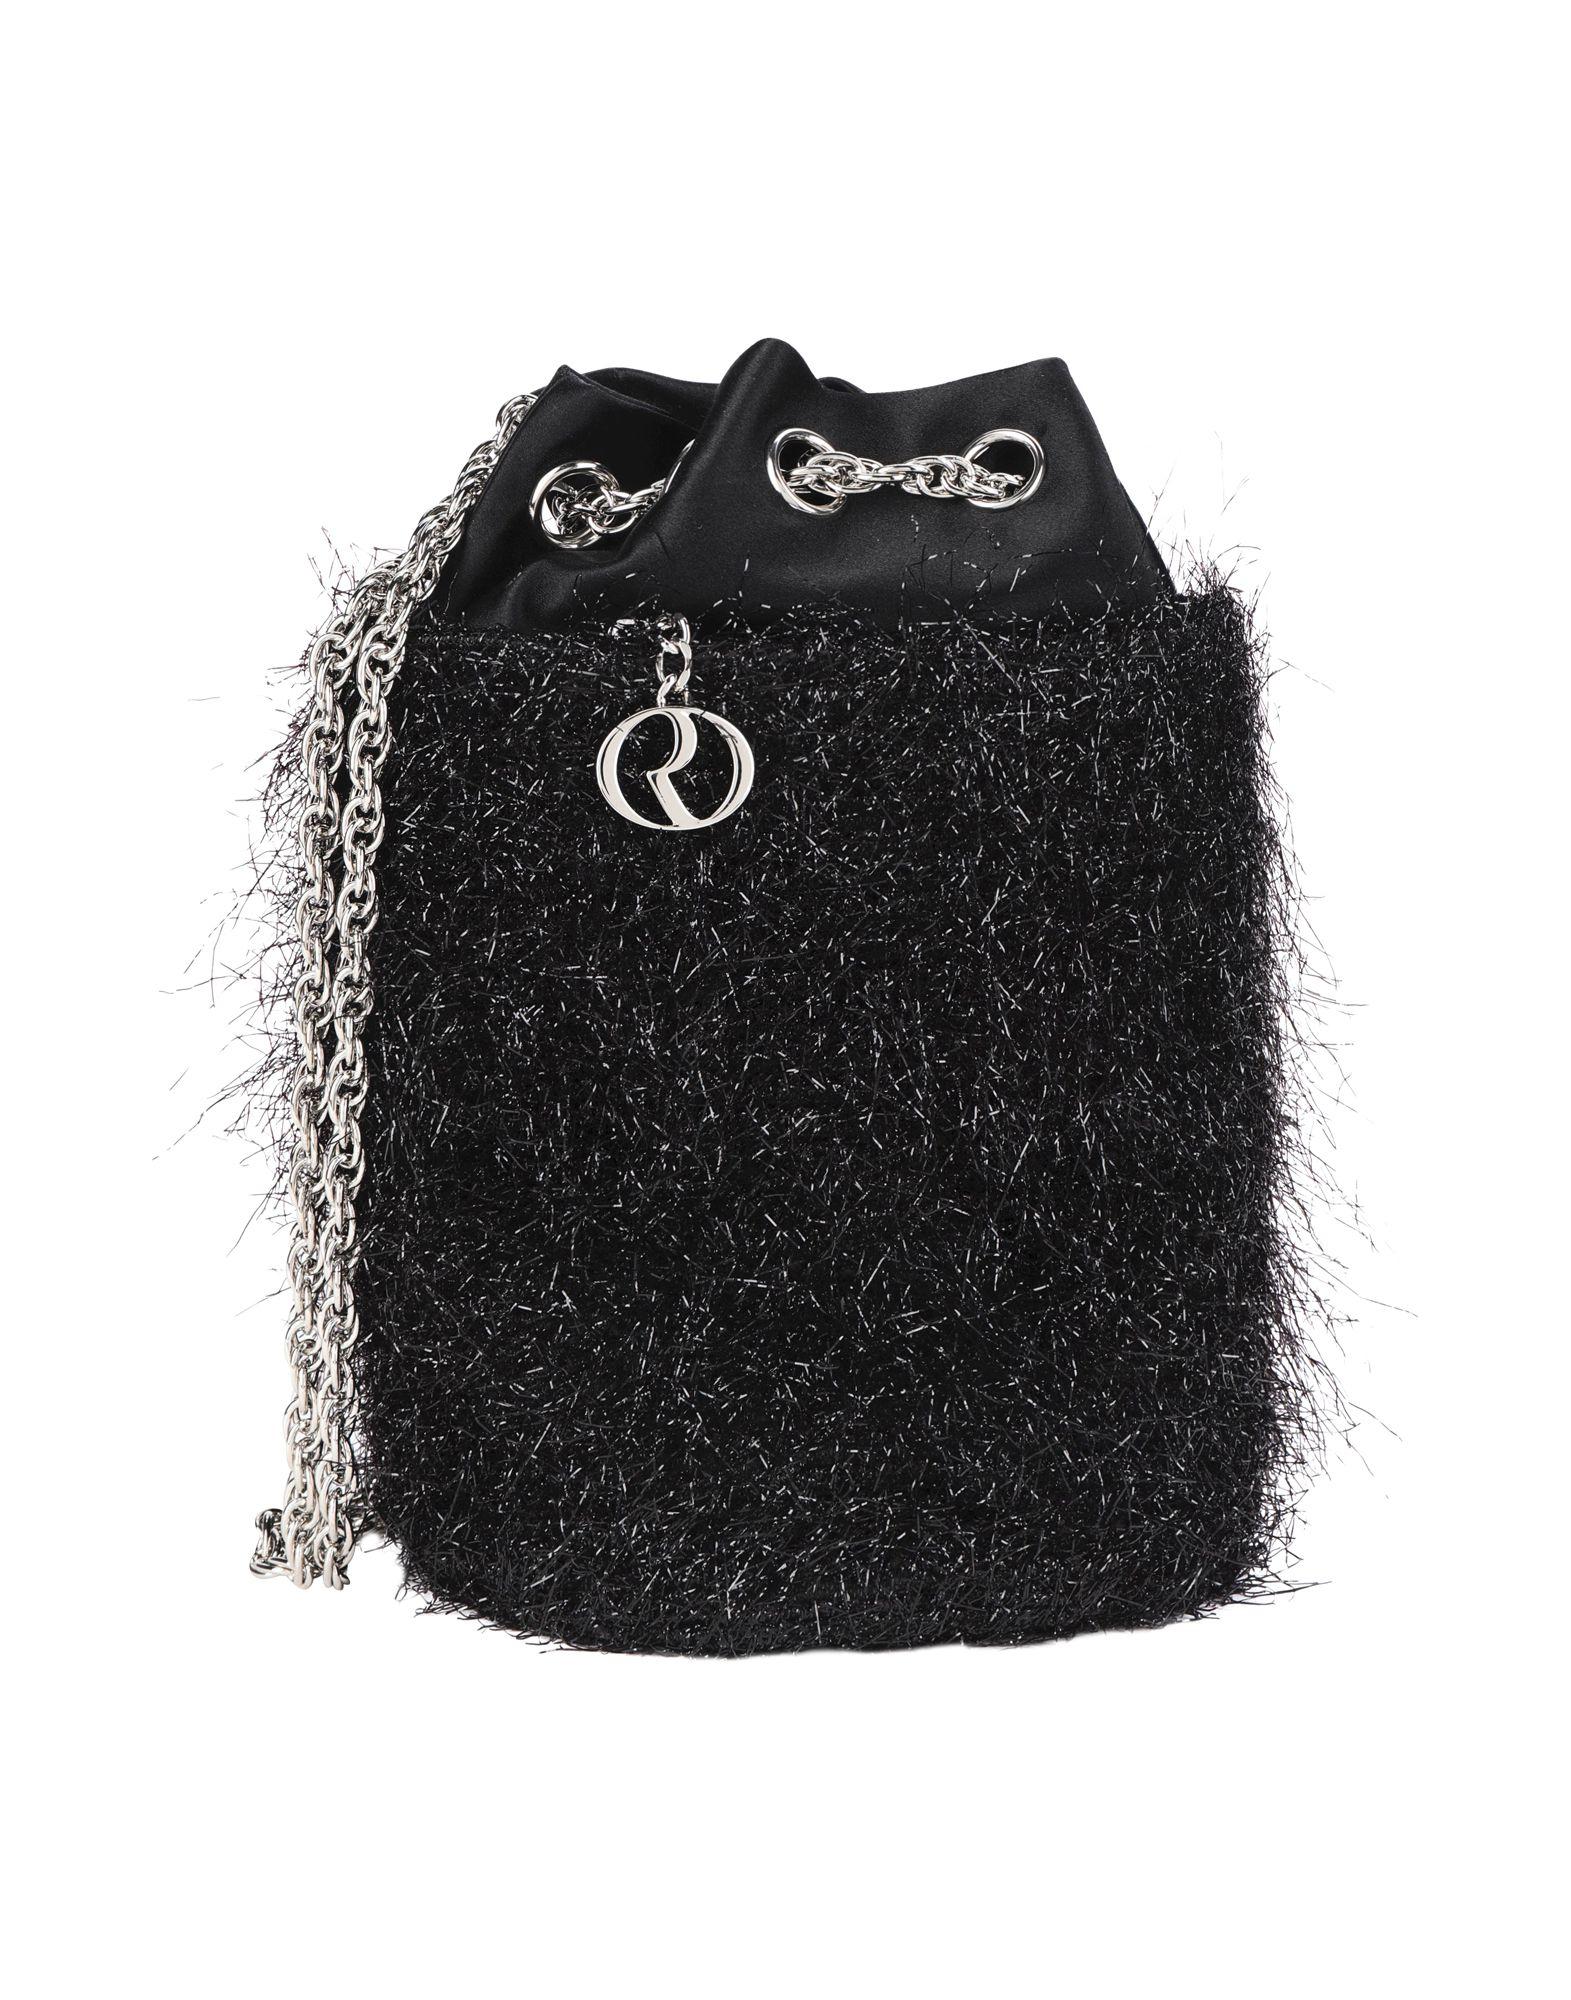 RODO Сумка через плечо aliwilliam® 2015 новый женский мини цепь плечо сумка дизайнер сумки crossbody сумка для женщин малый messenger мешок 5 цветов